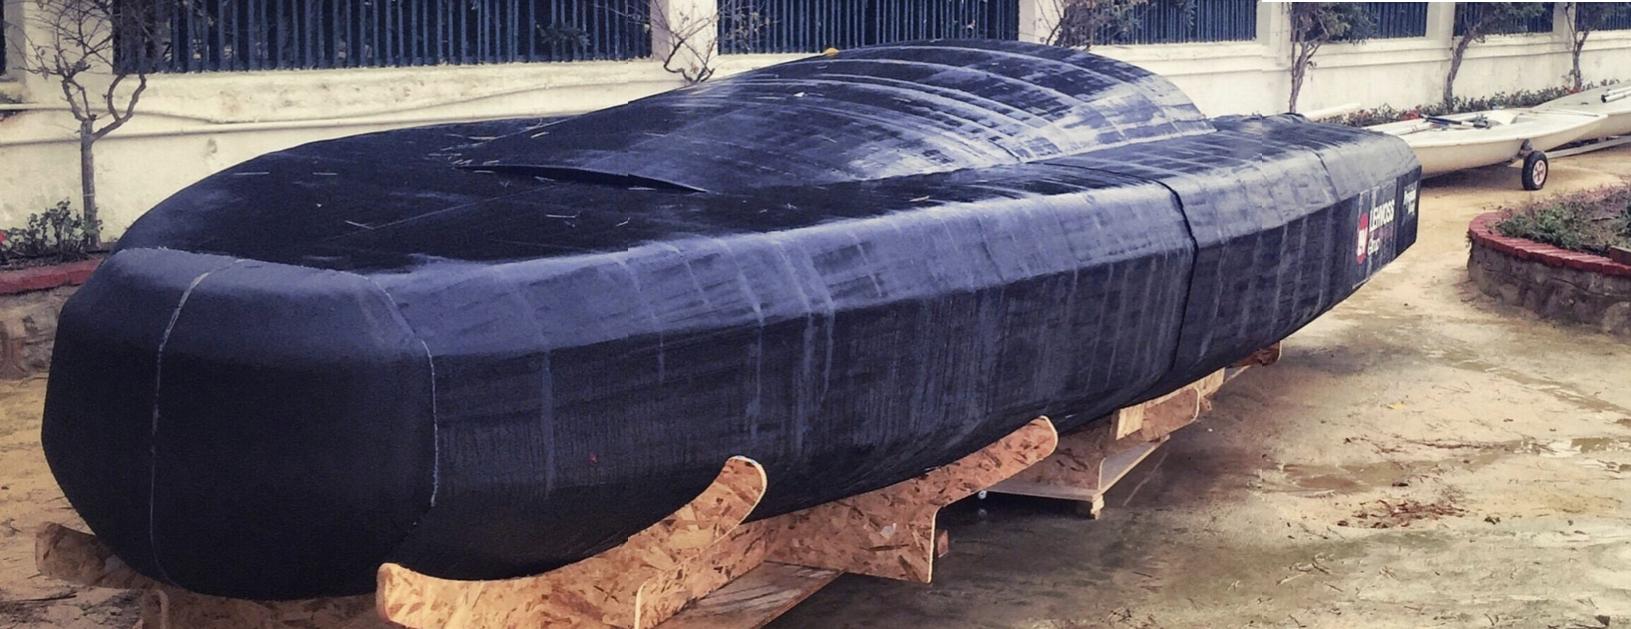 Završeni, neobrađebi 3D printani trup MINI-6.50 regatne jedrilice, izvor: Instagram